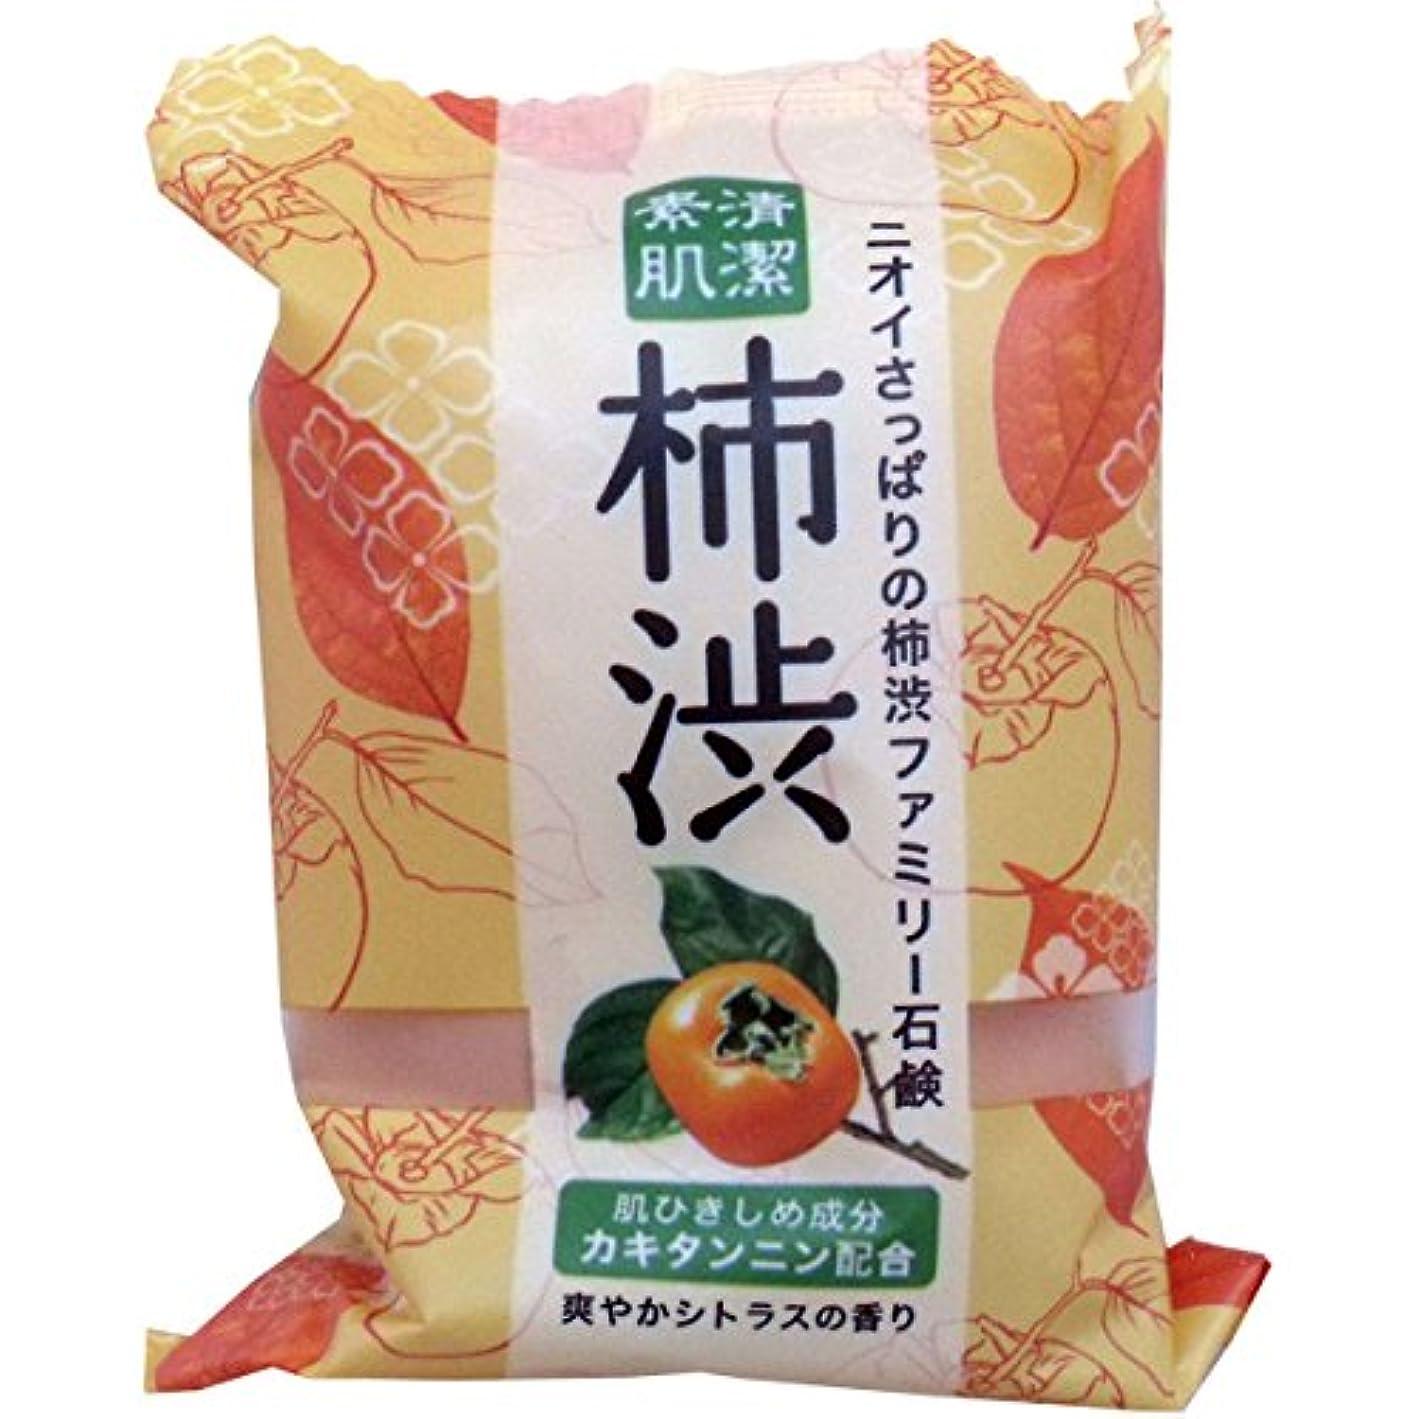 職人対処コンサートペリカン石鹸 ファミリー柿渋石鹸(1個)